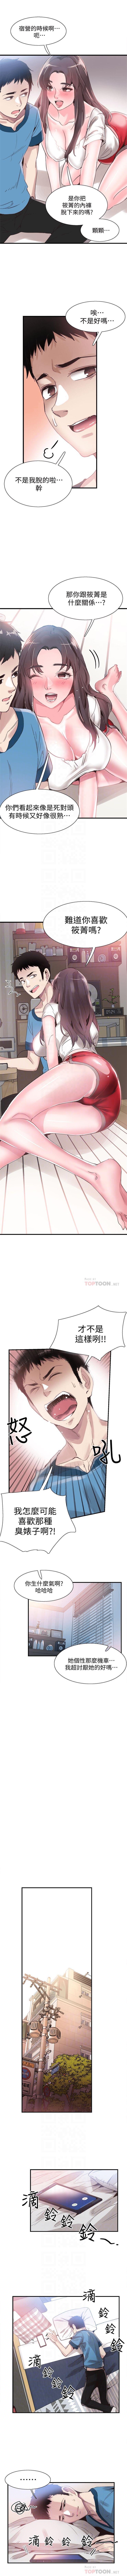 (週7)校園live秀 1-50 中文翻譯(更新中) 206